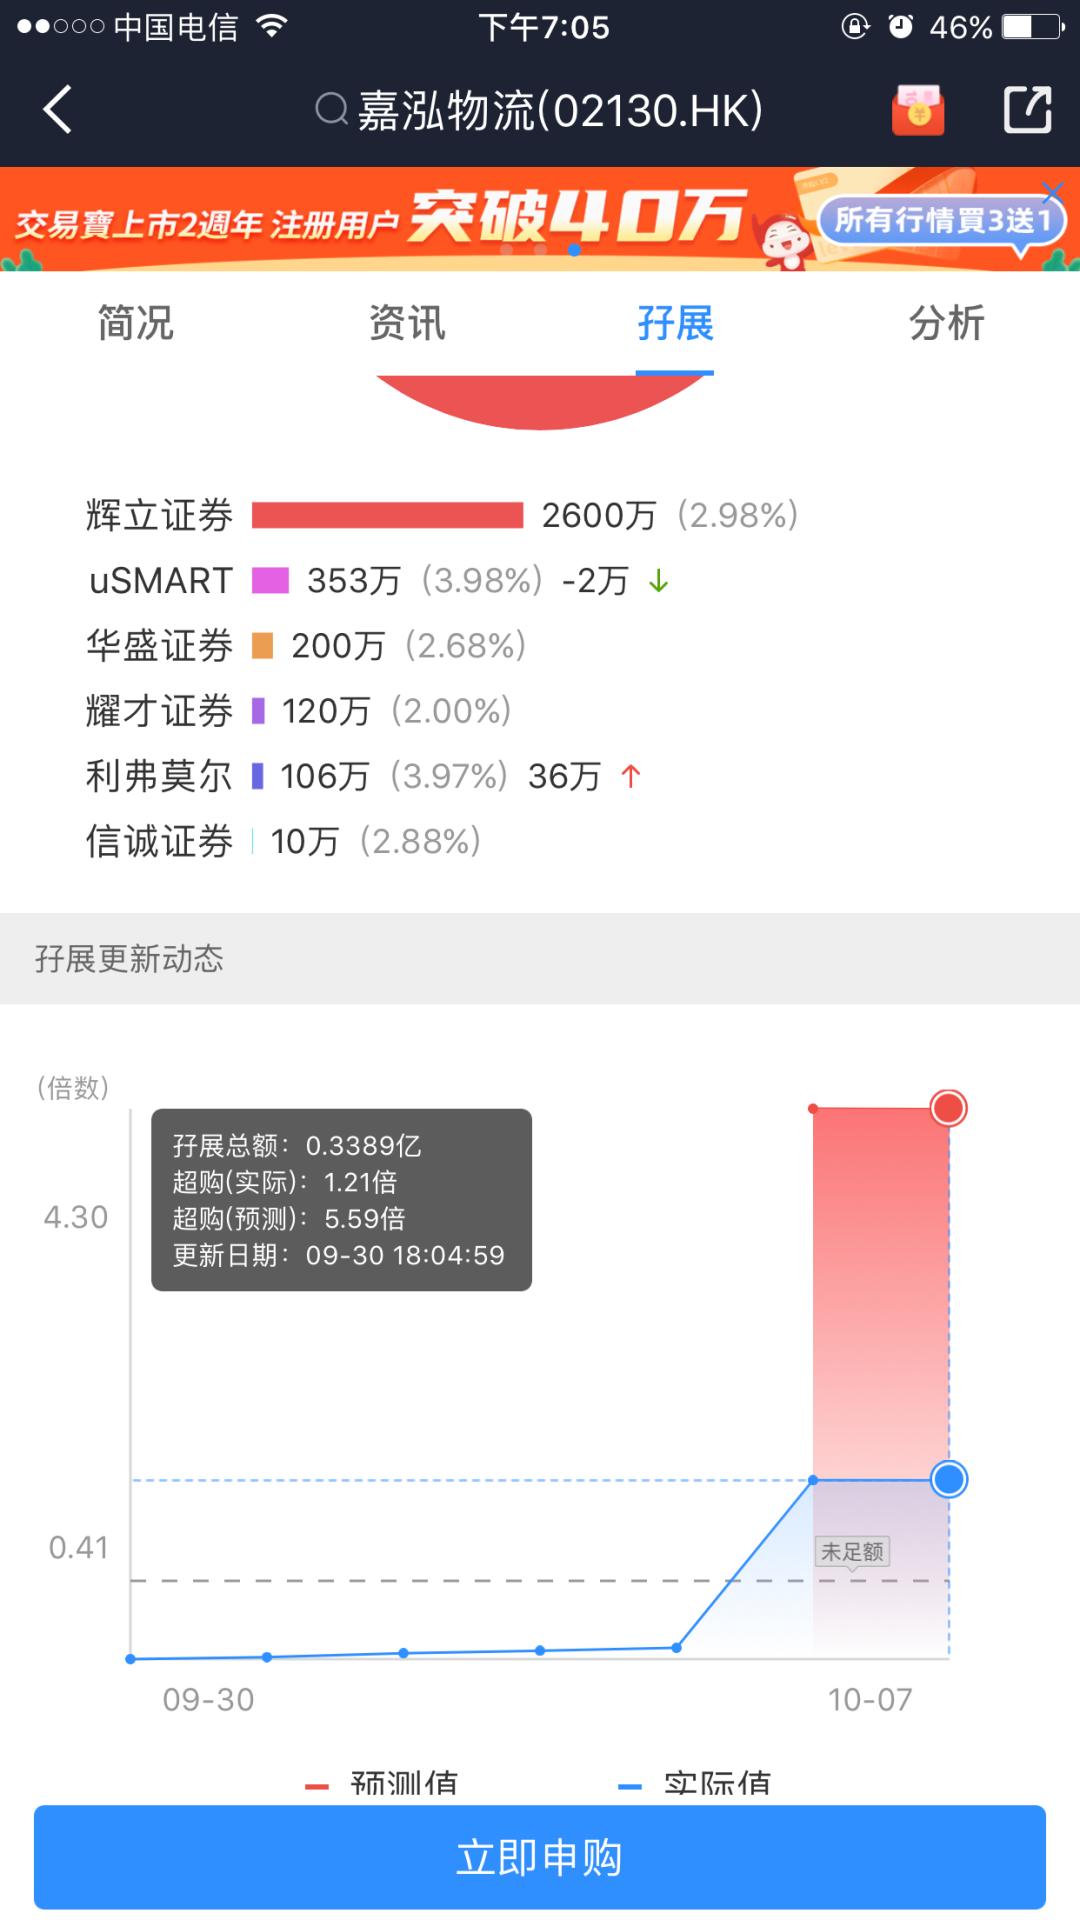 【港股打新】—嘉泓物流(02130HK):出来票吗?最重要的就是开心啦,老板开心就好!